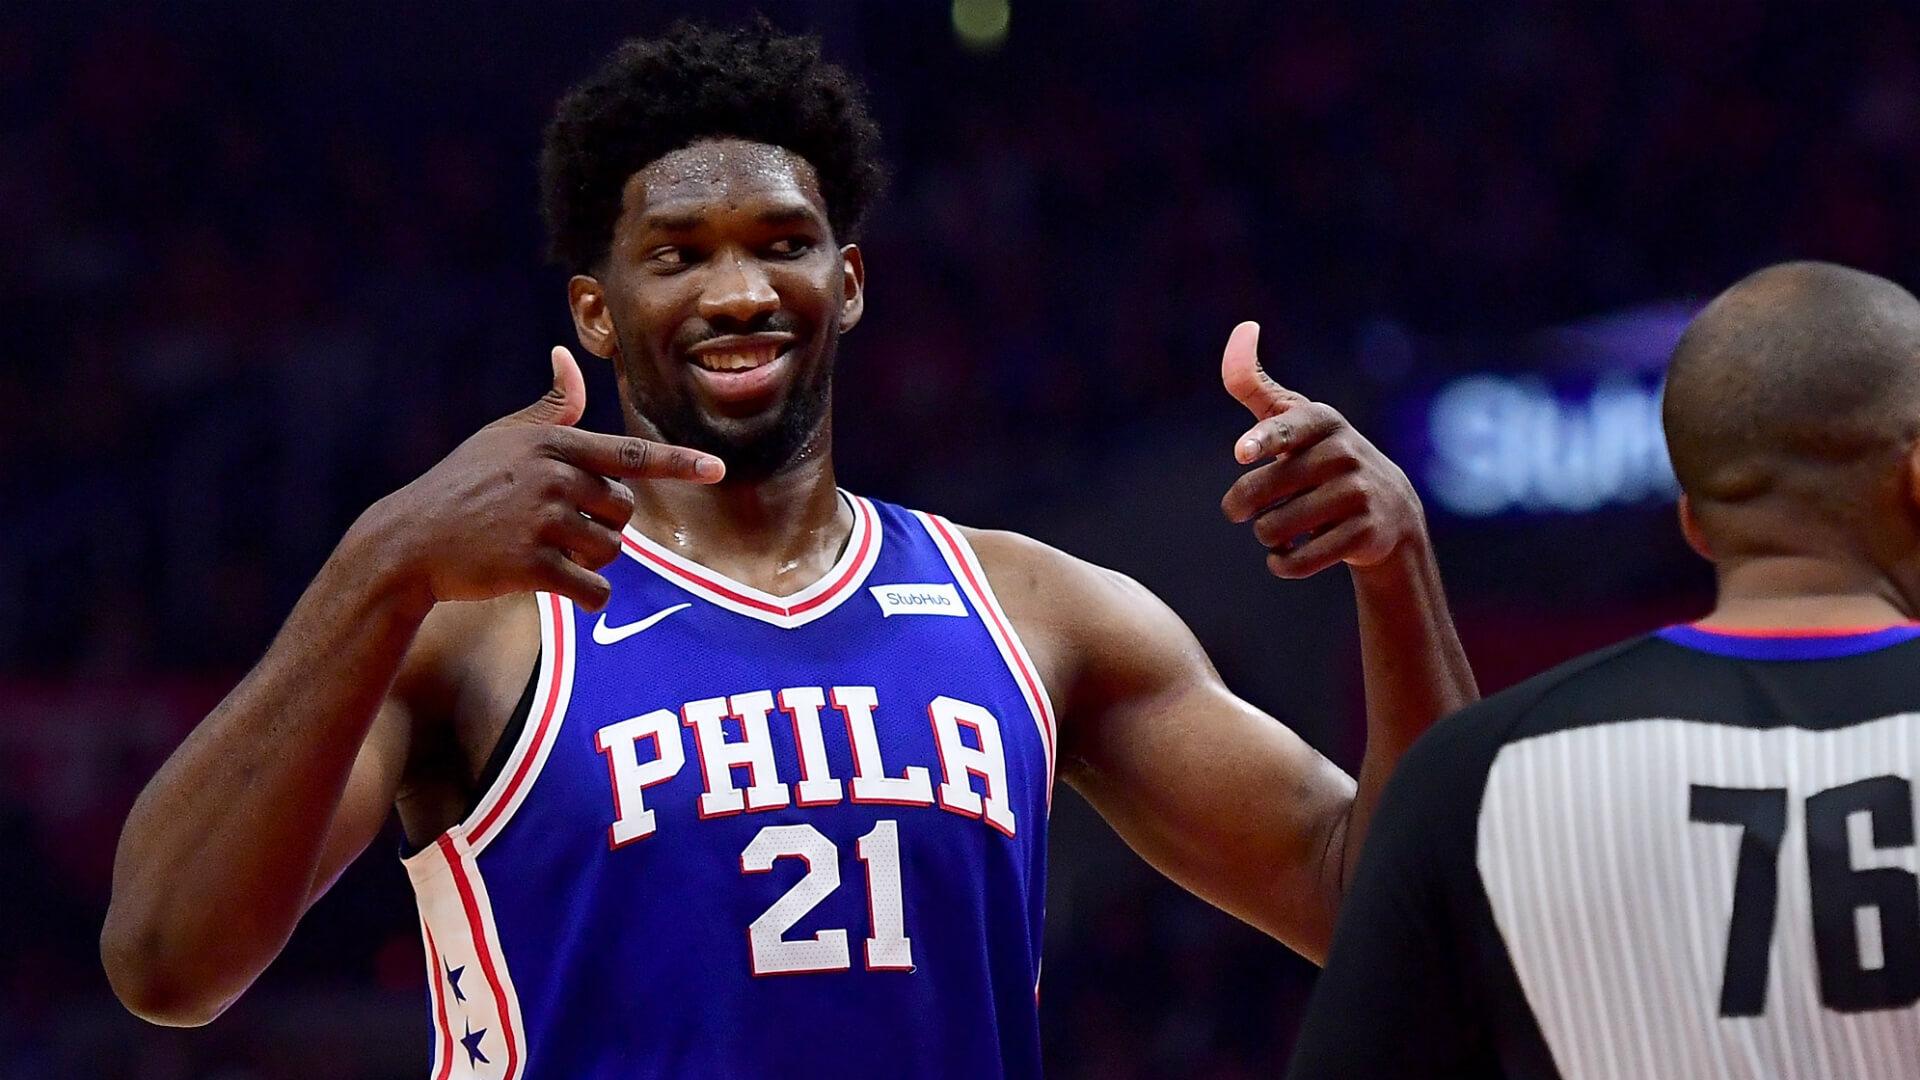 Филадельфия — Клипперс. Прогноз на матч 2 ноября 2018. НБА